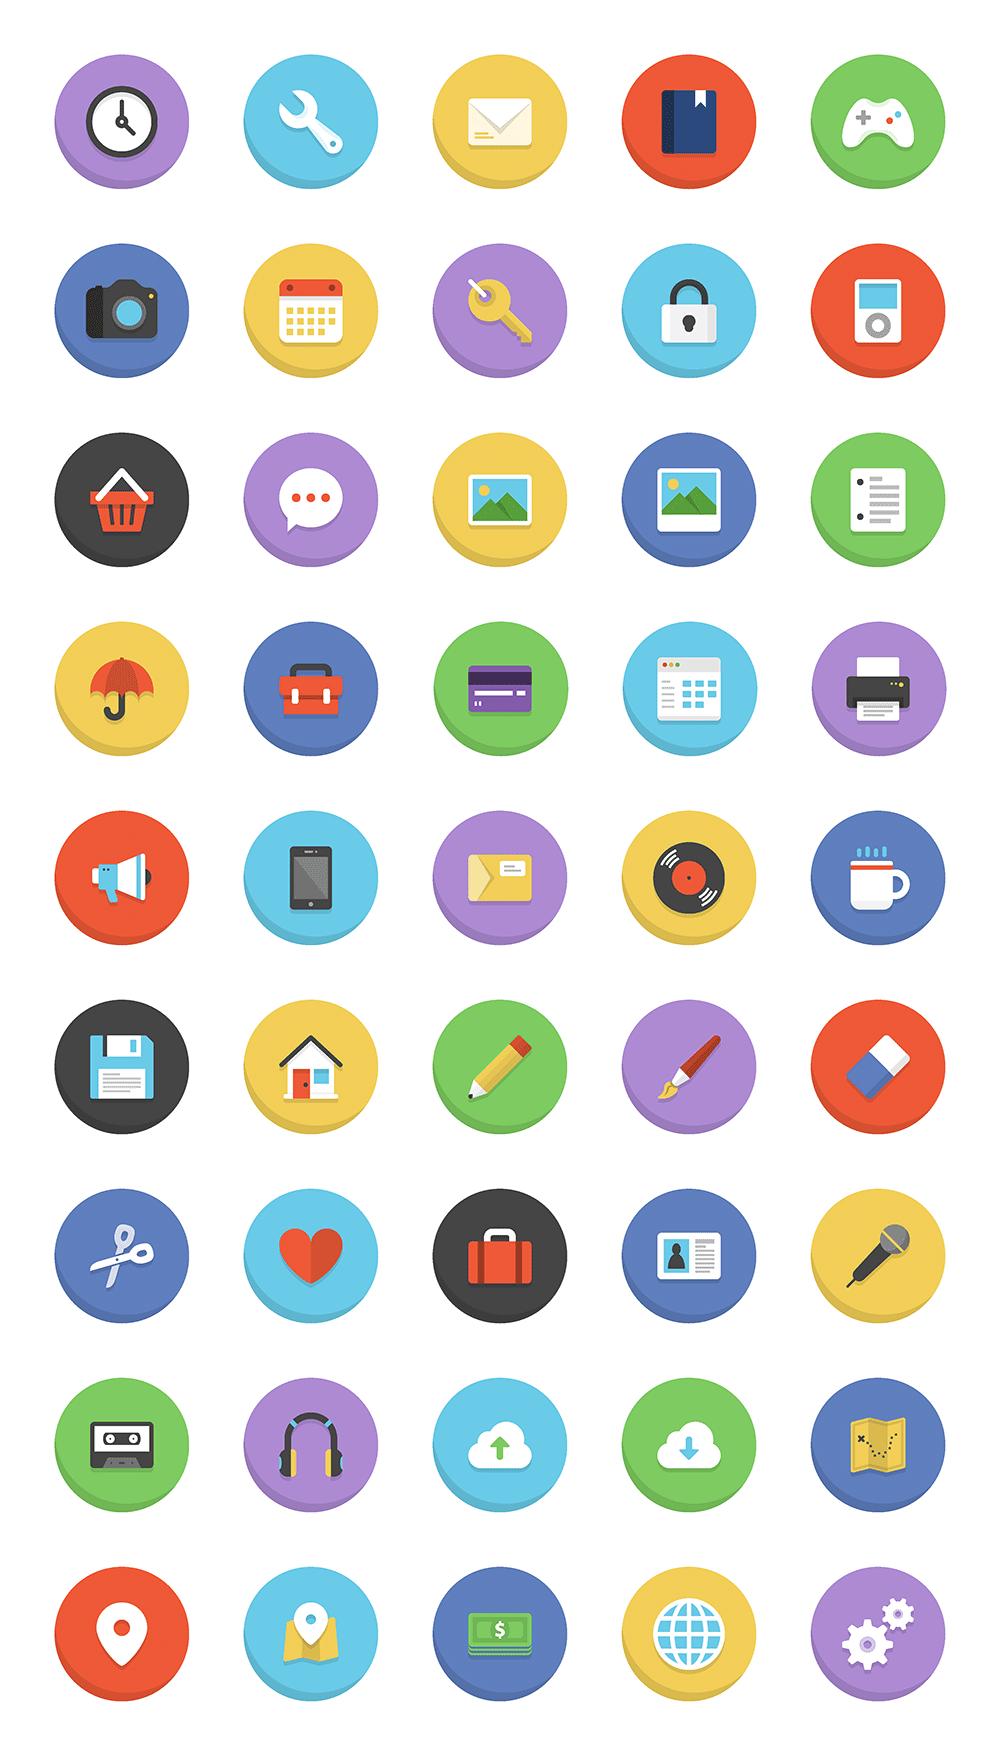 45 Colorful Flat Icons Freebie Smashing Magazine